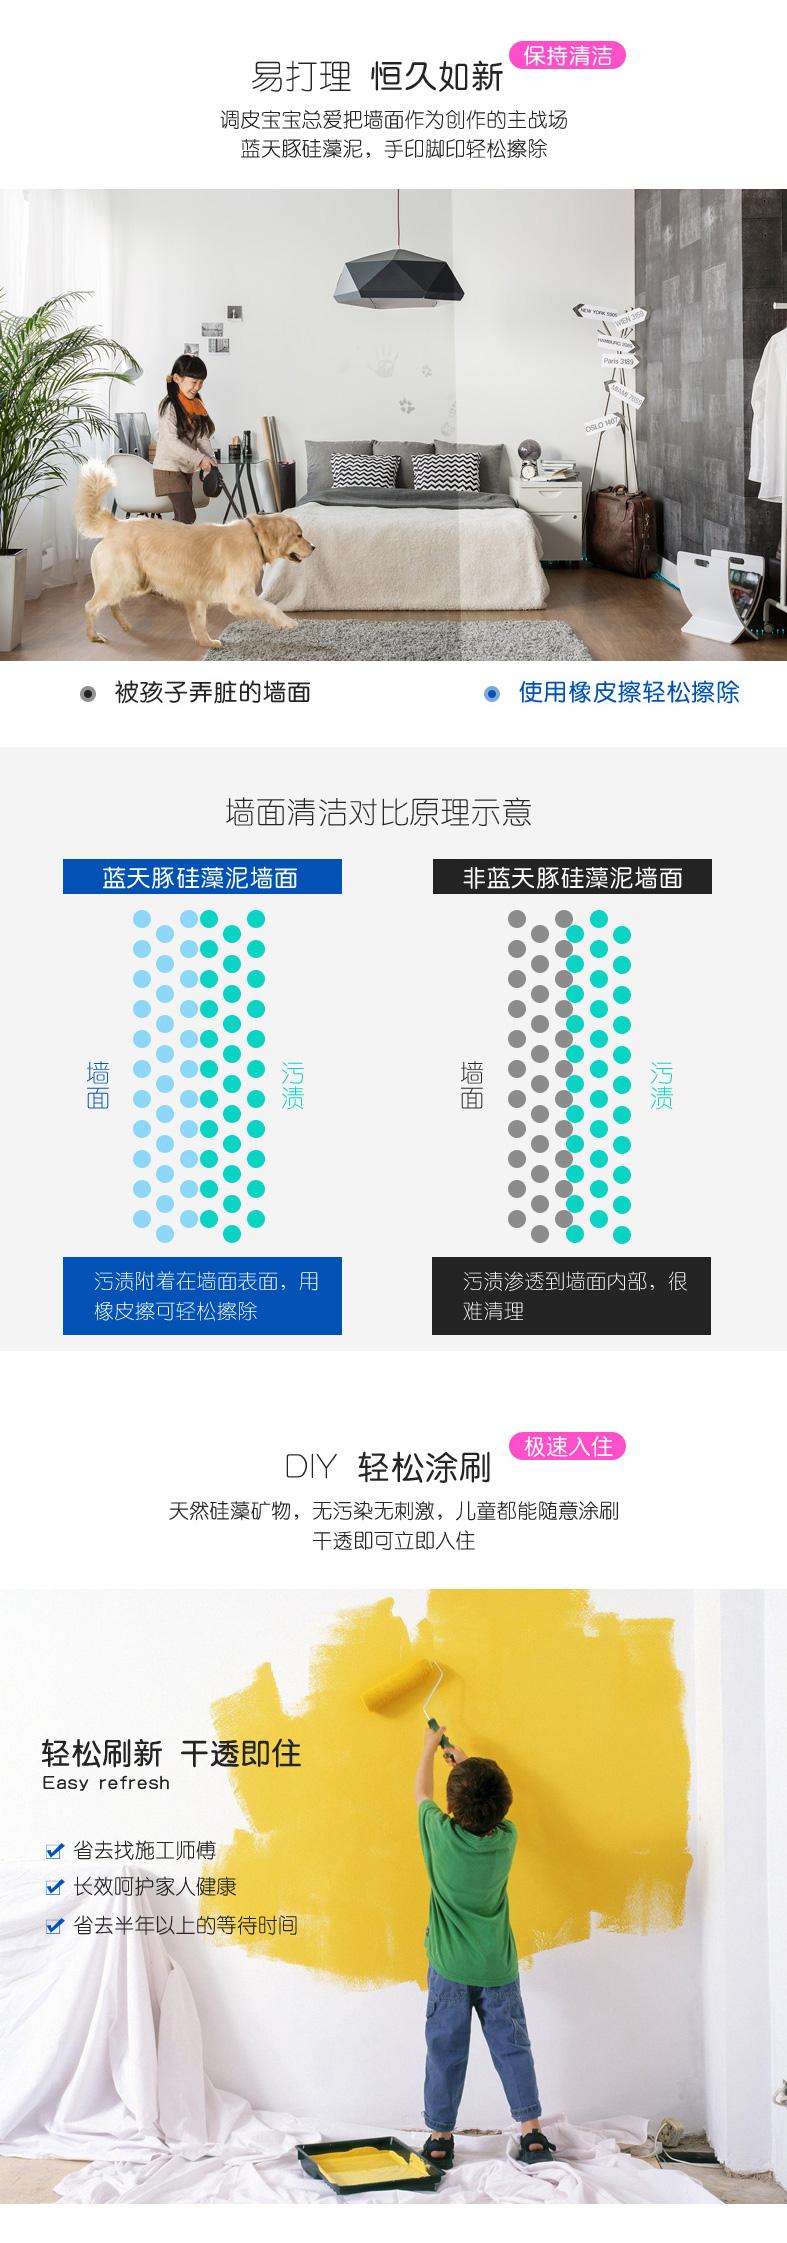 蓝天豚-水性硅藻泥-亲子空间2KG_06.jpg